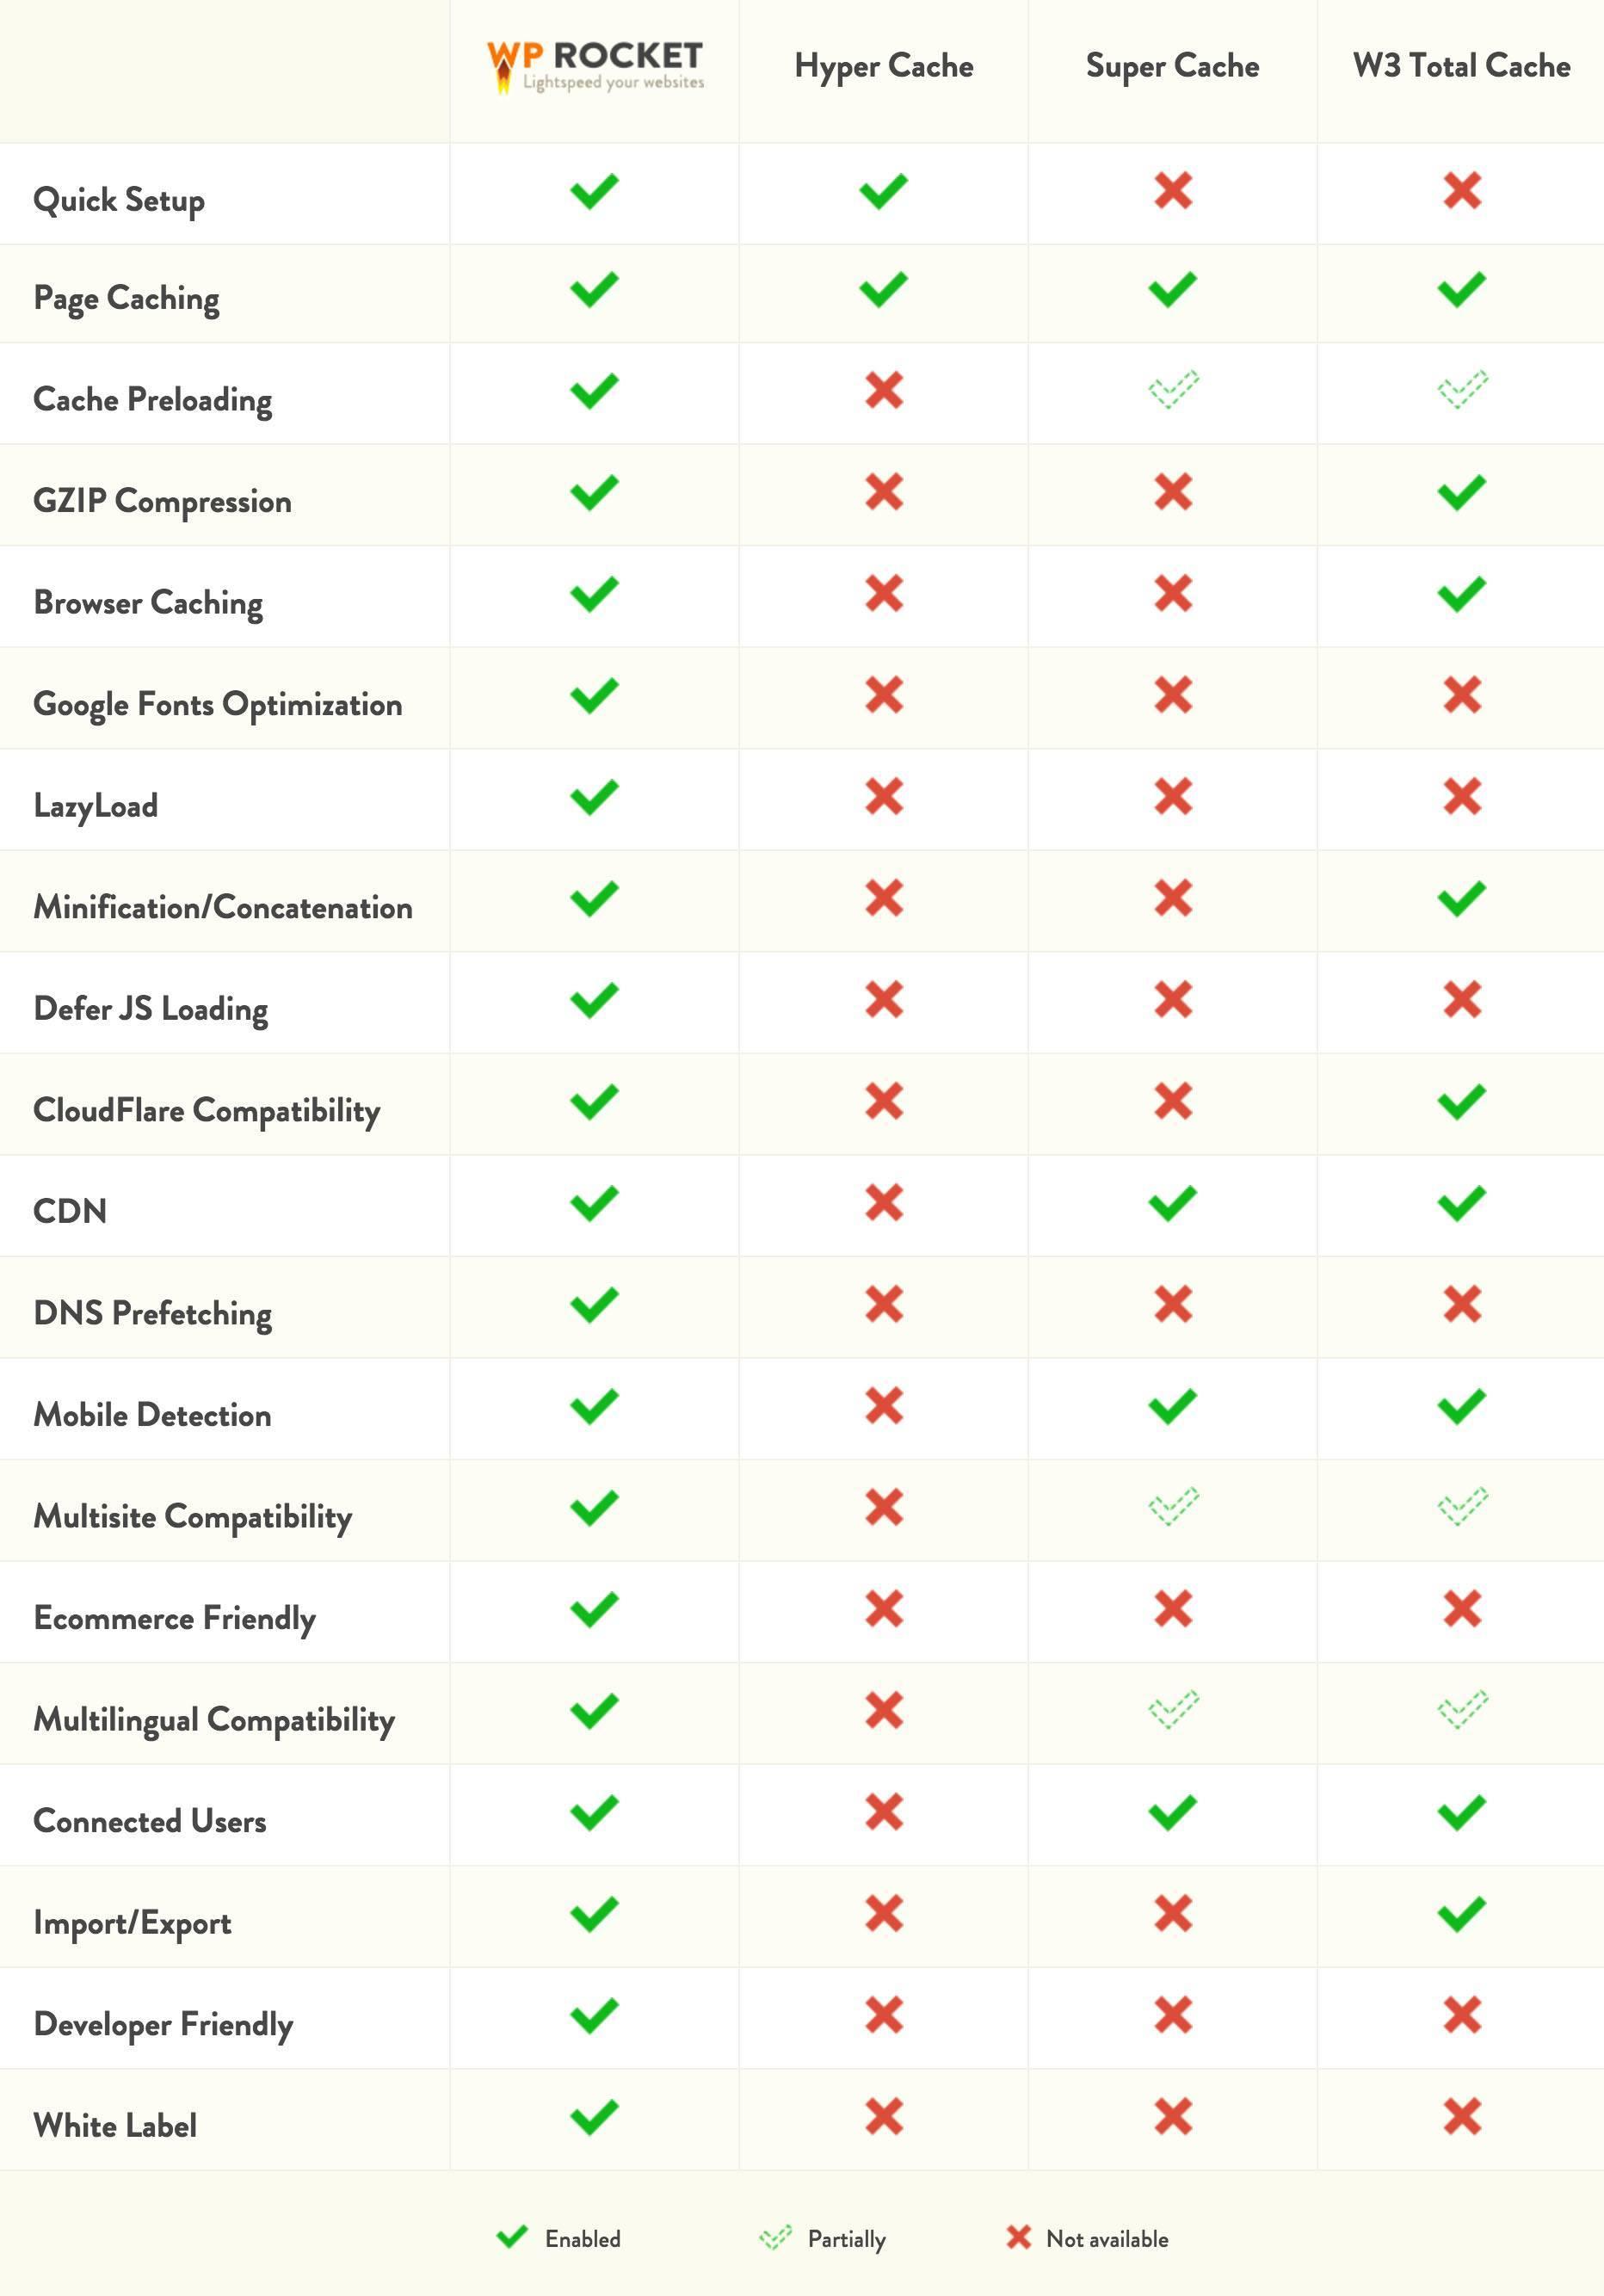 wp-rocket-website-comparison